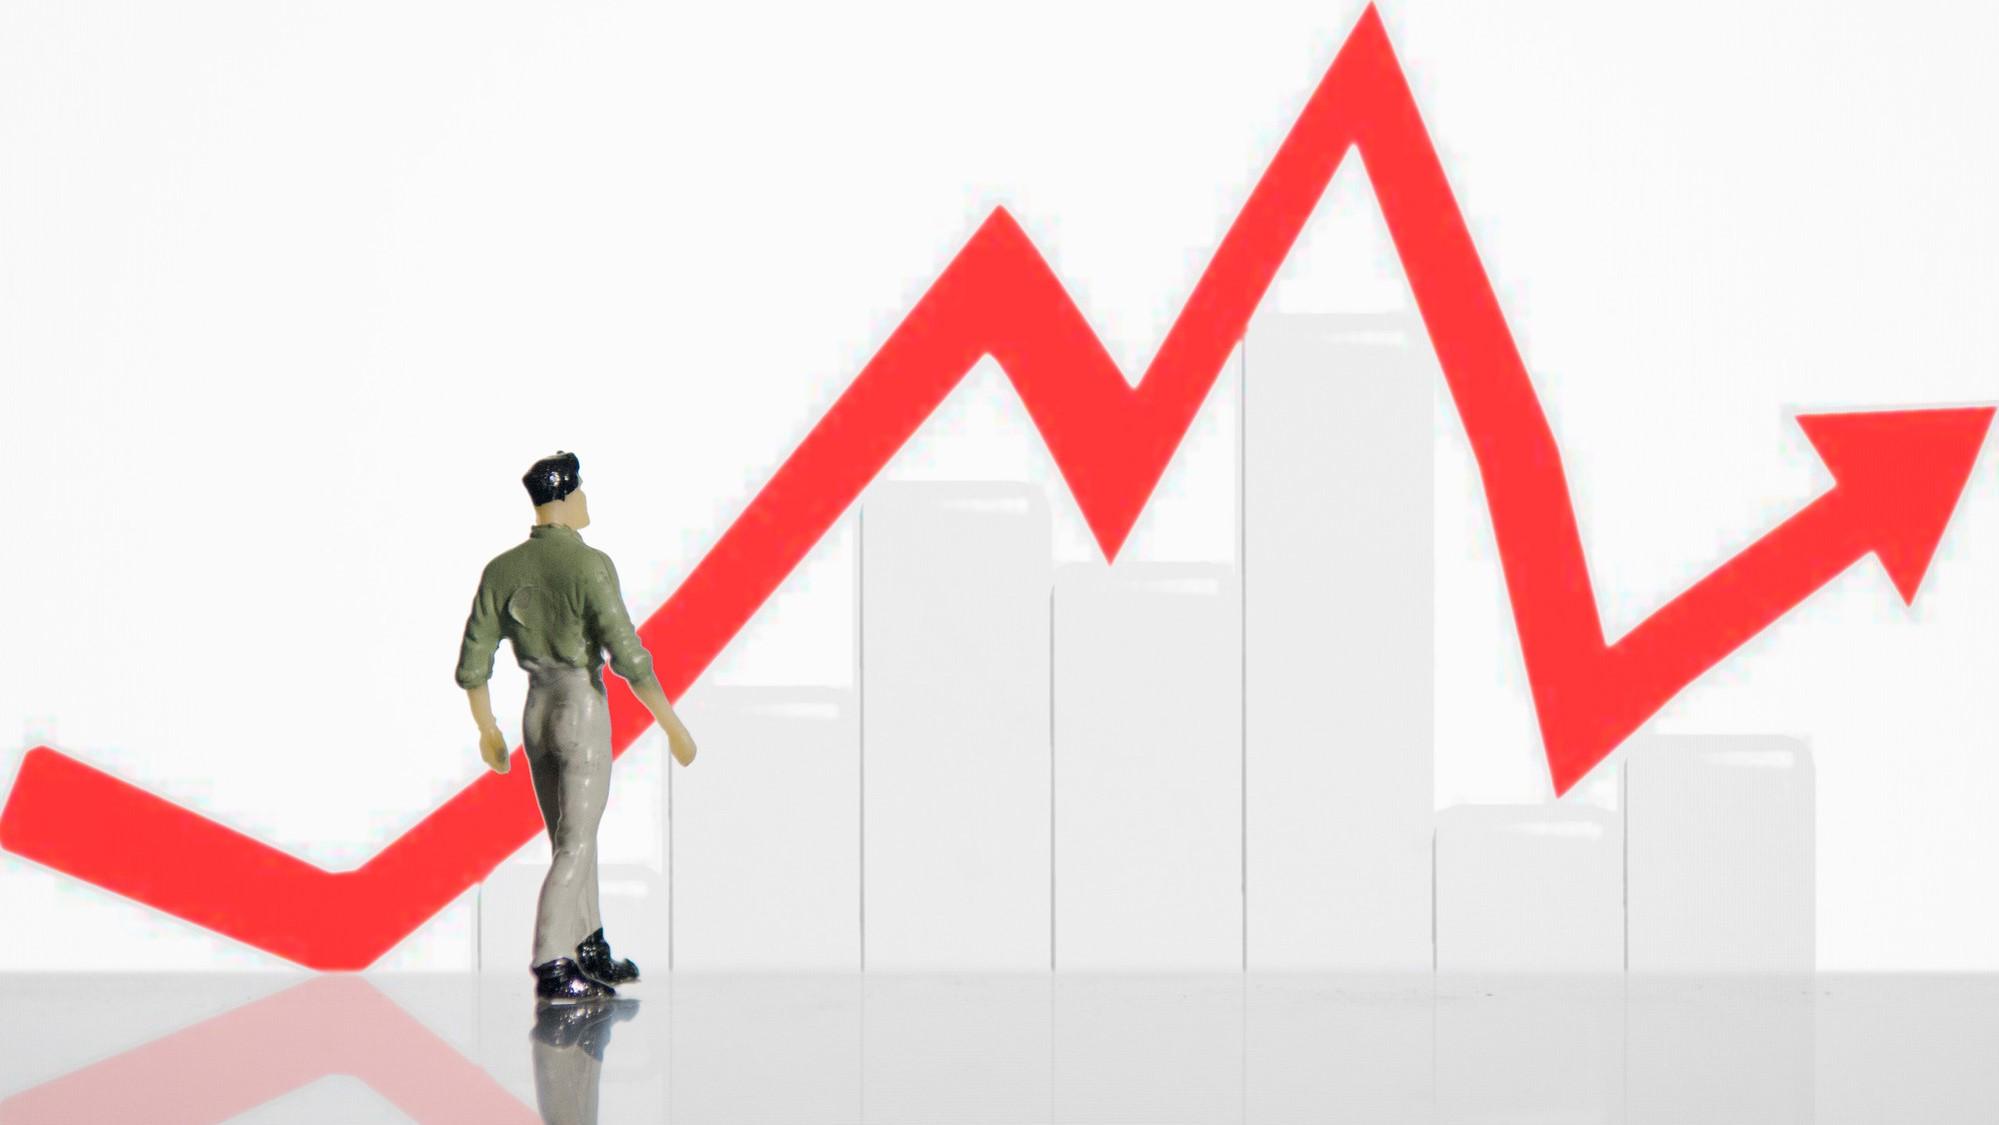 九洲药业(603456.SH):7.9亿拿下苏州诺华,CDMO板块业绩有望突破